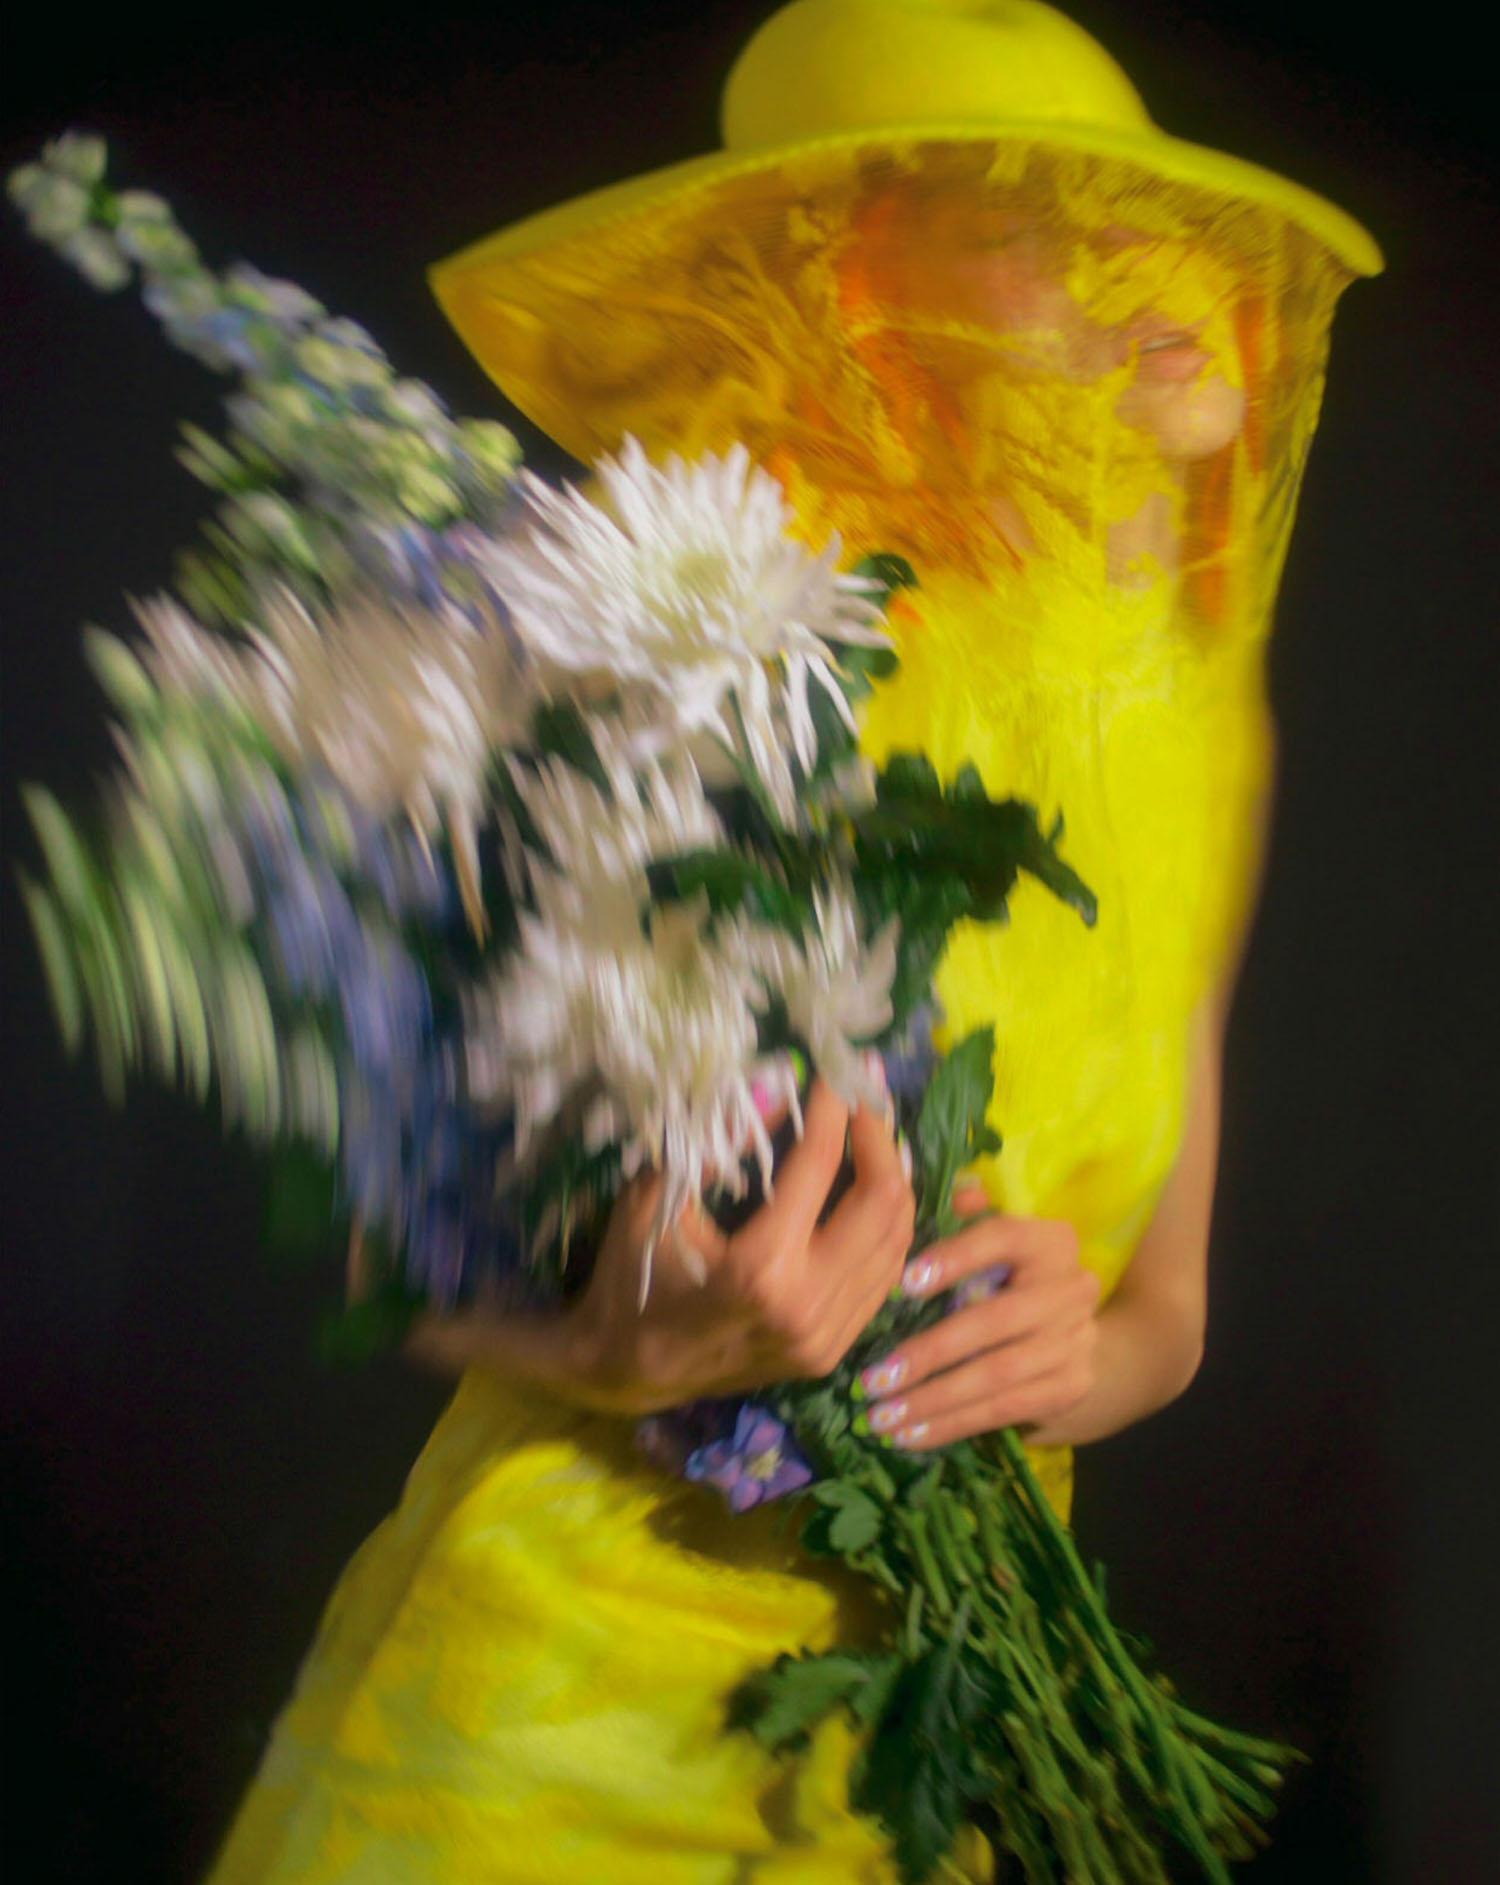 Anastasiya Gurova by Paul Rousteau for Marie Claire France June 2021